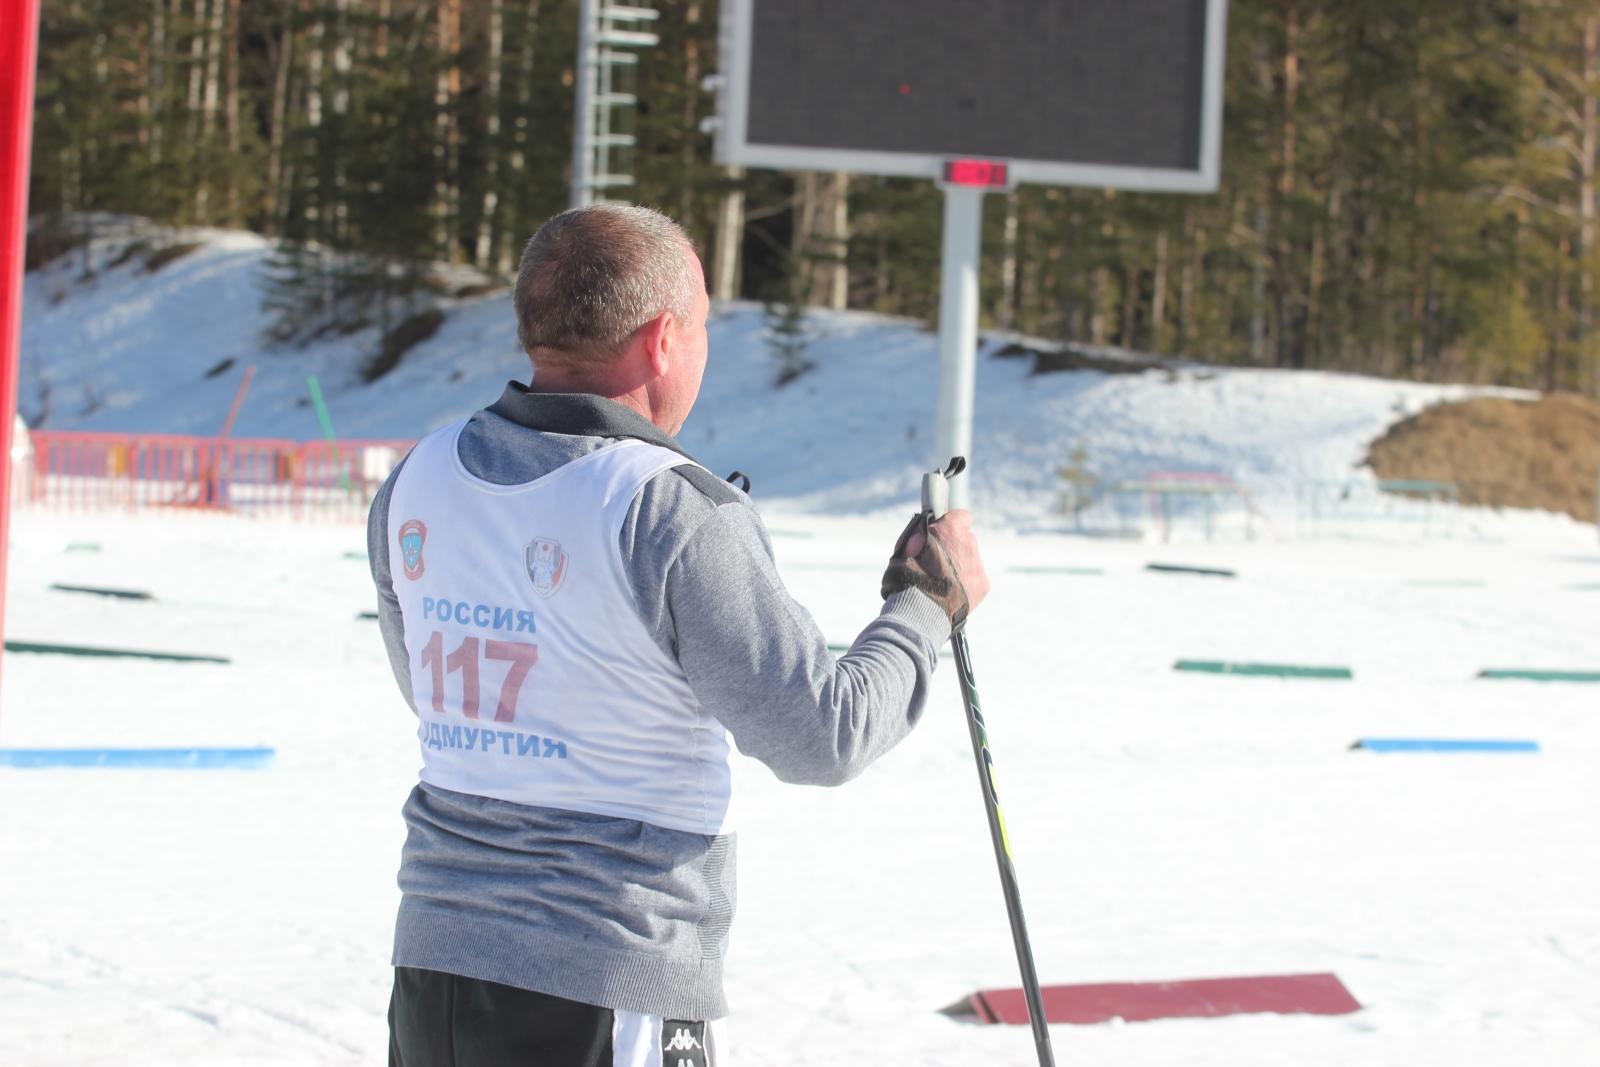 Победа в спорте – залог упорства!